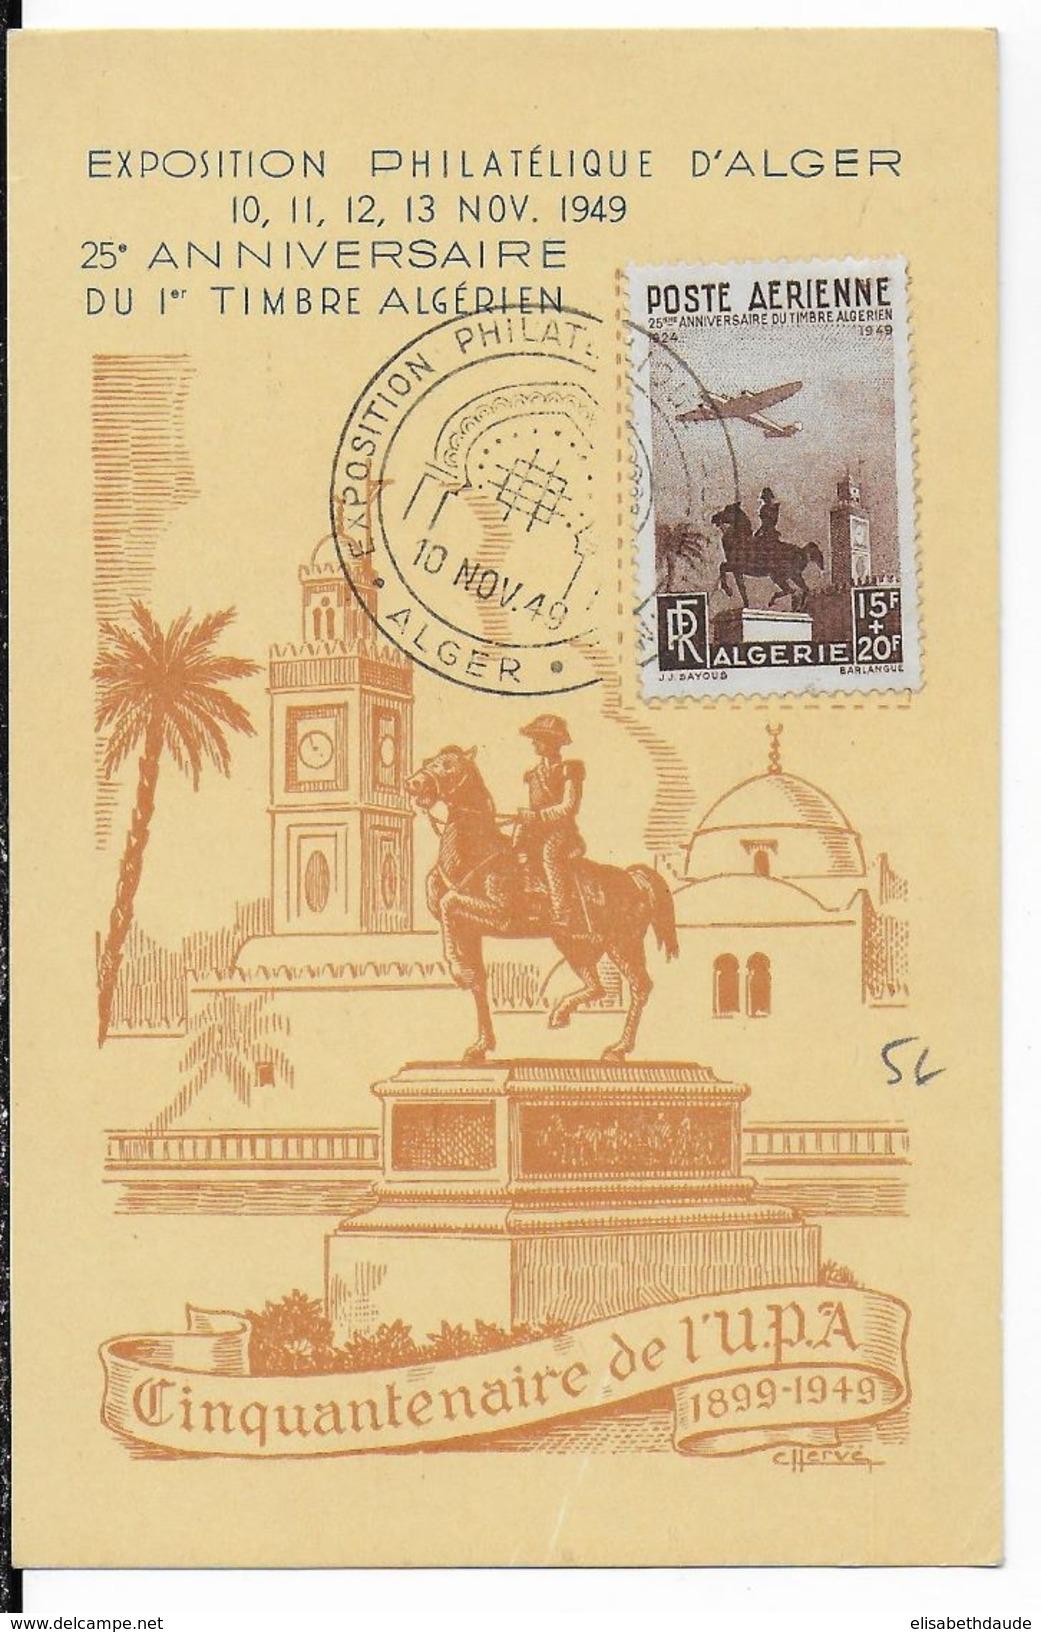 1949 - ALGERIE - CARTE POSTALE De L'EXPO PHILATELIQUE D'ALGER Avec OBLITERATION TEMPORAIRE ILLUSTREE - Algeria (1924-1962)